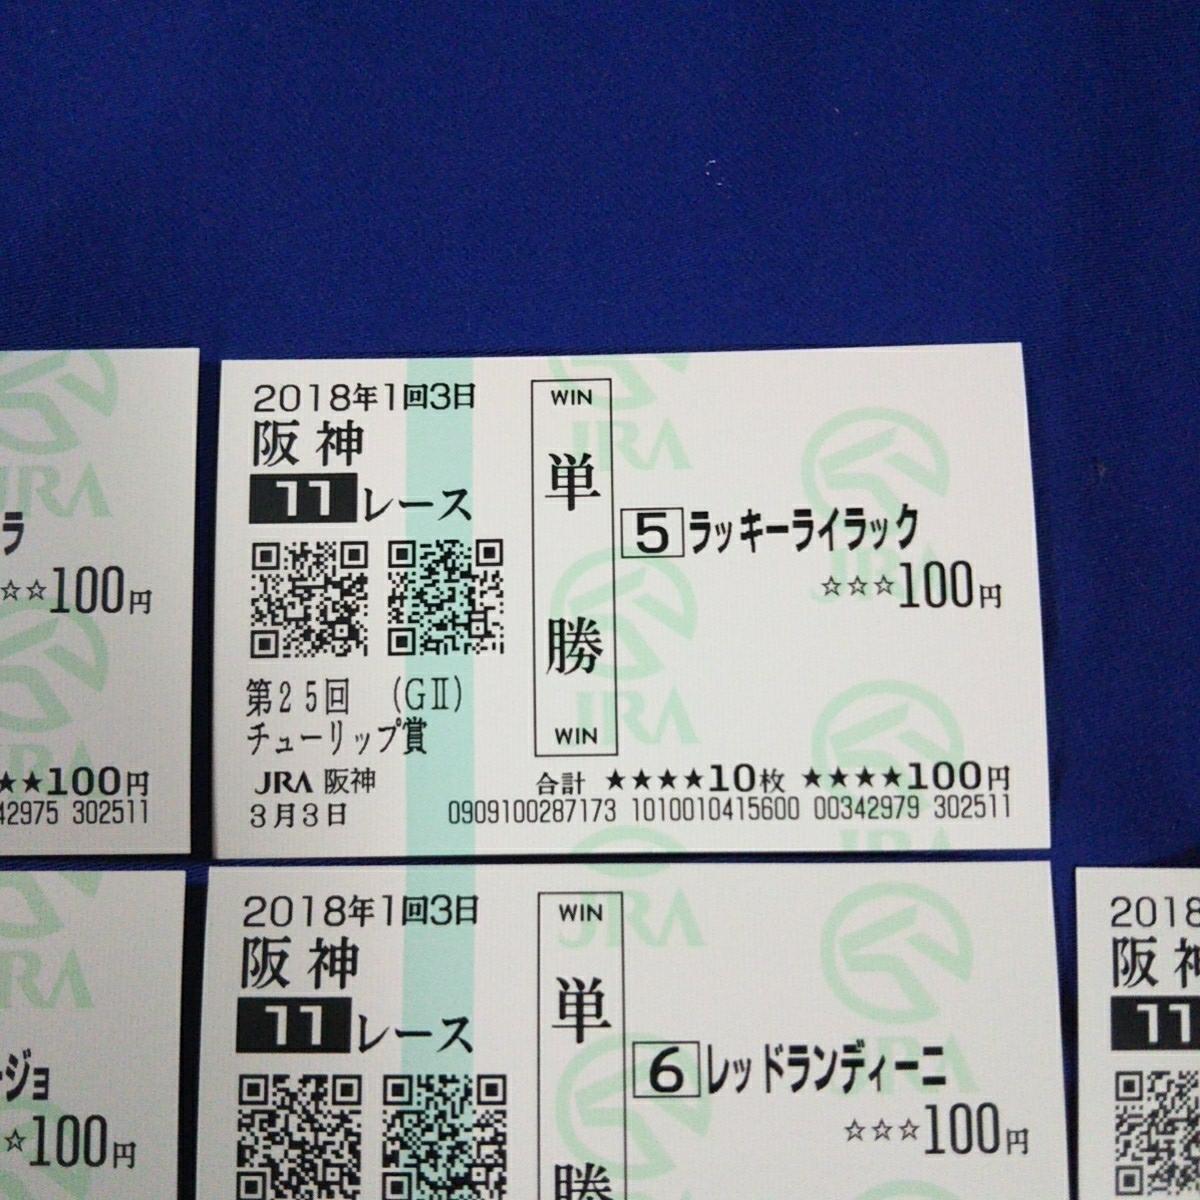 ★ラッキーライラック含む チューリップ賞全10頭現地単勝馬券★_画像2